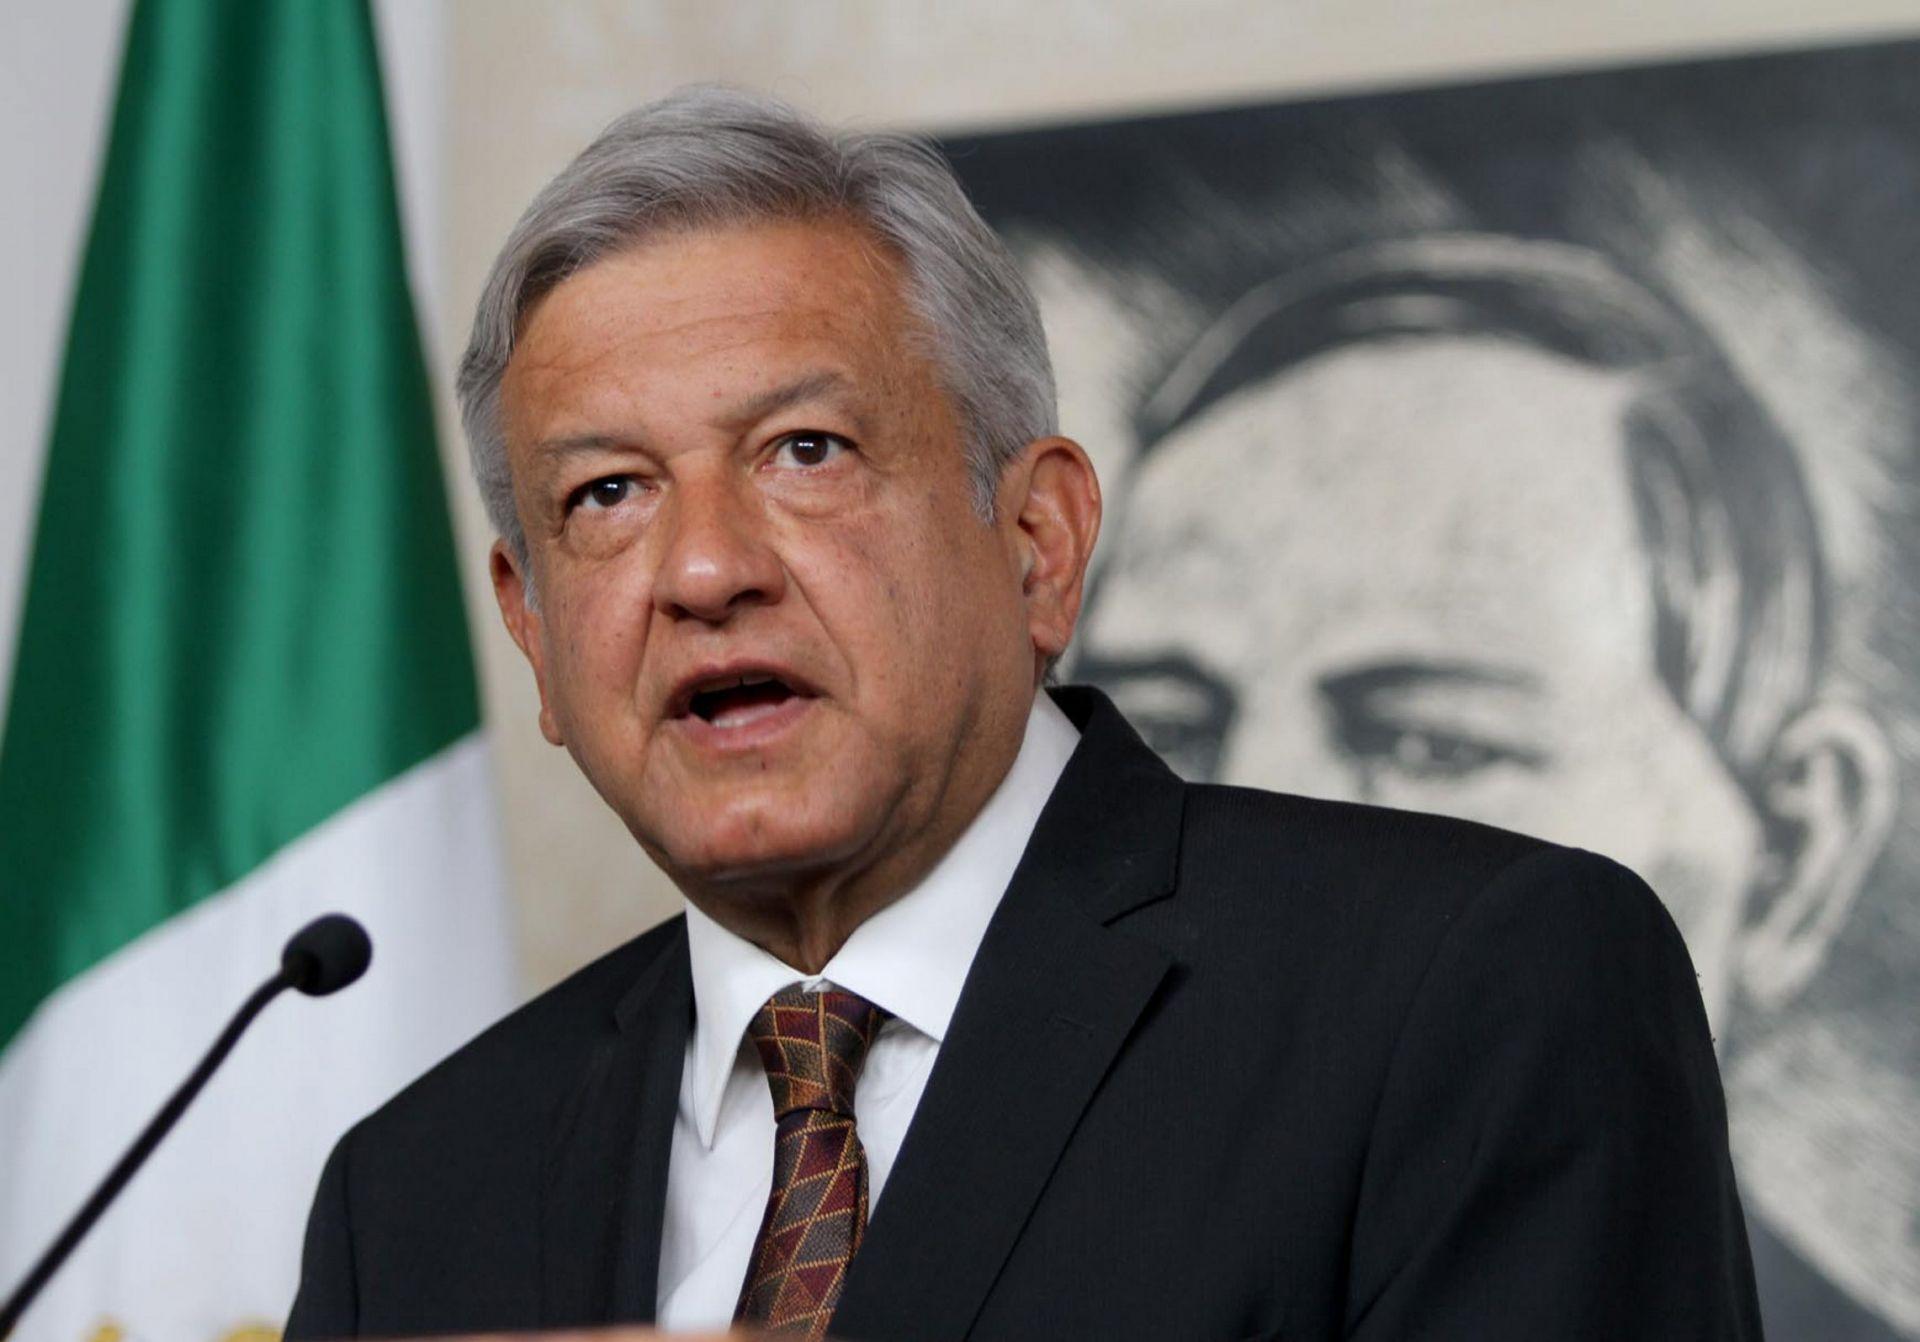 La amnistía a narcotraficantes podría intensificar la violencia en México